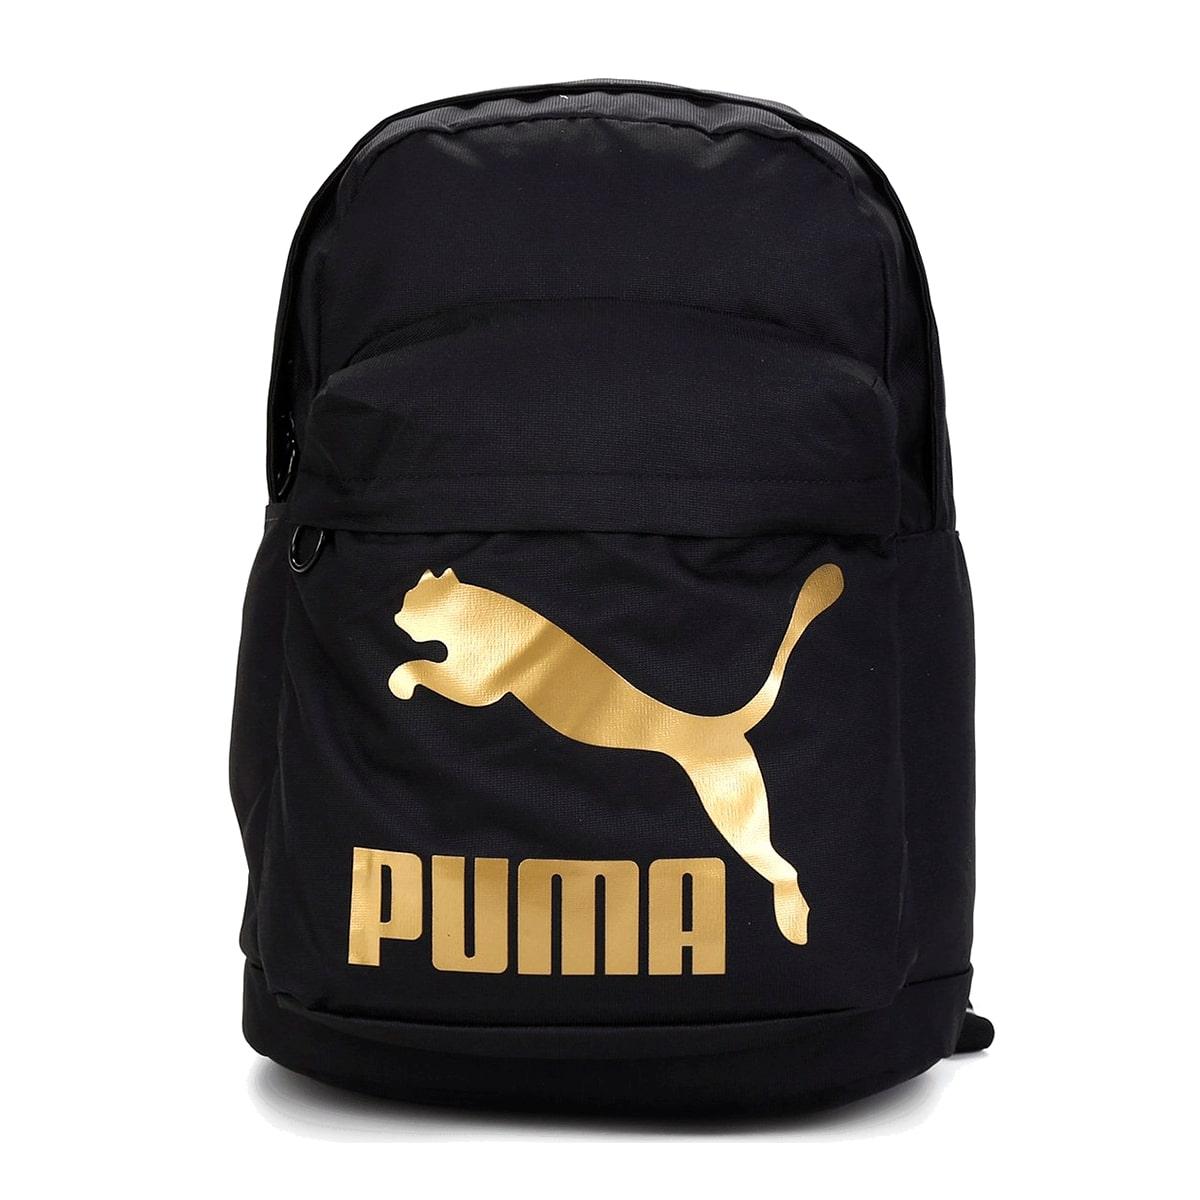 Mochila Puma Originals Preto